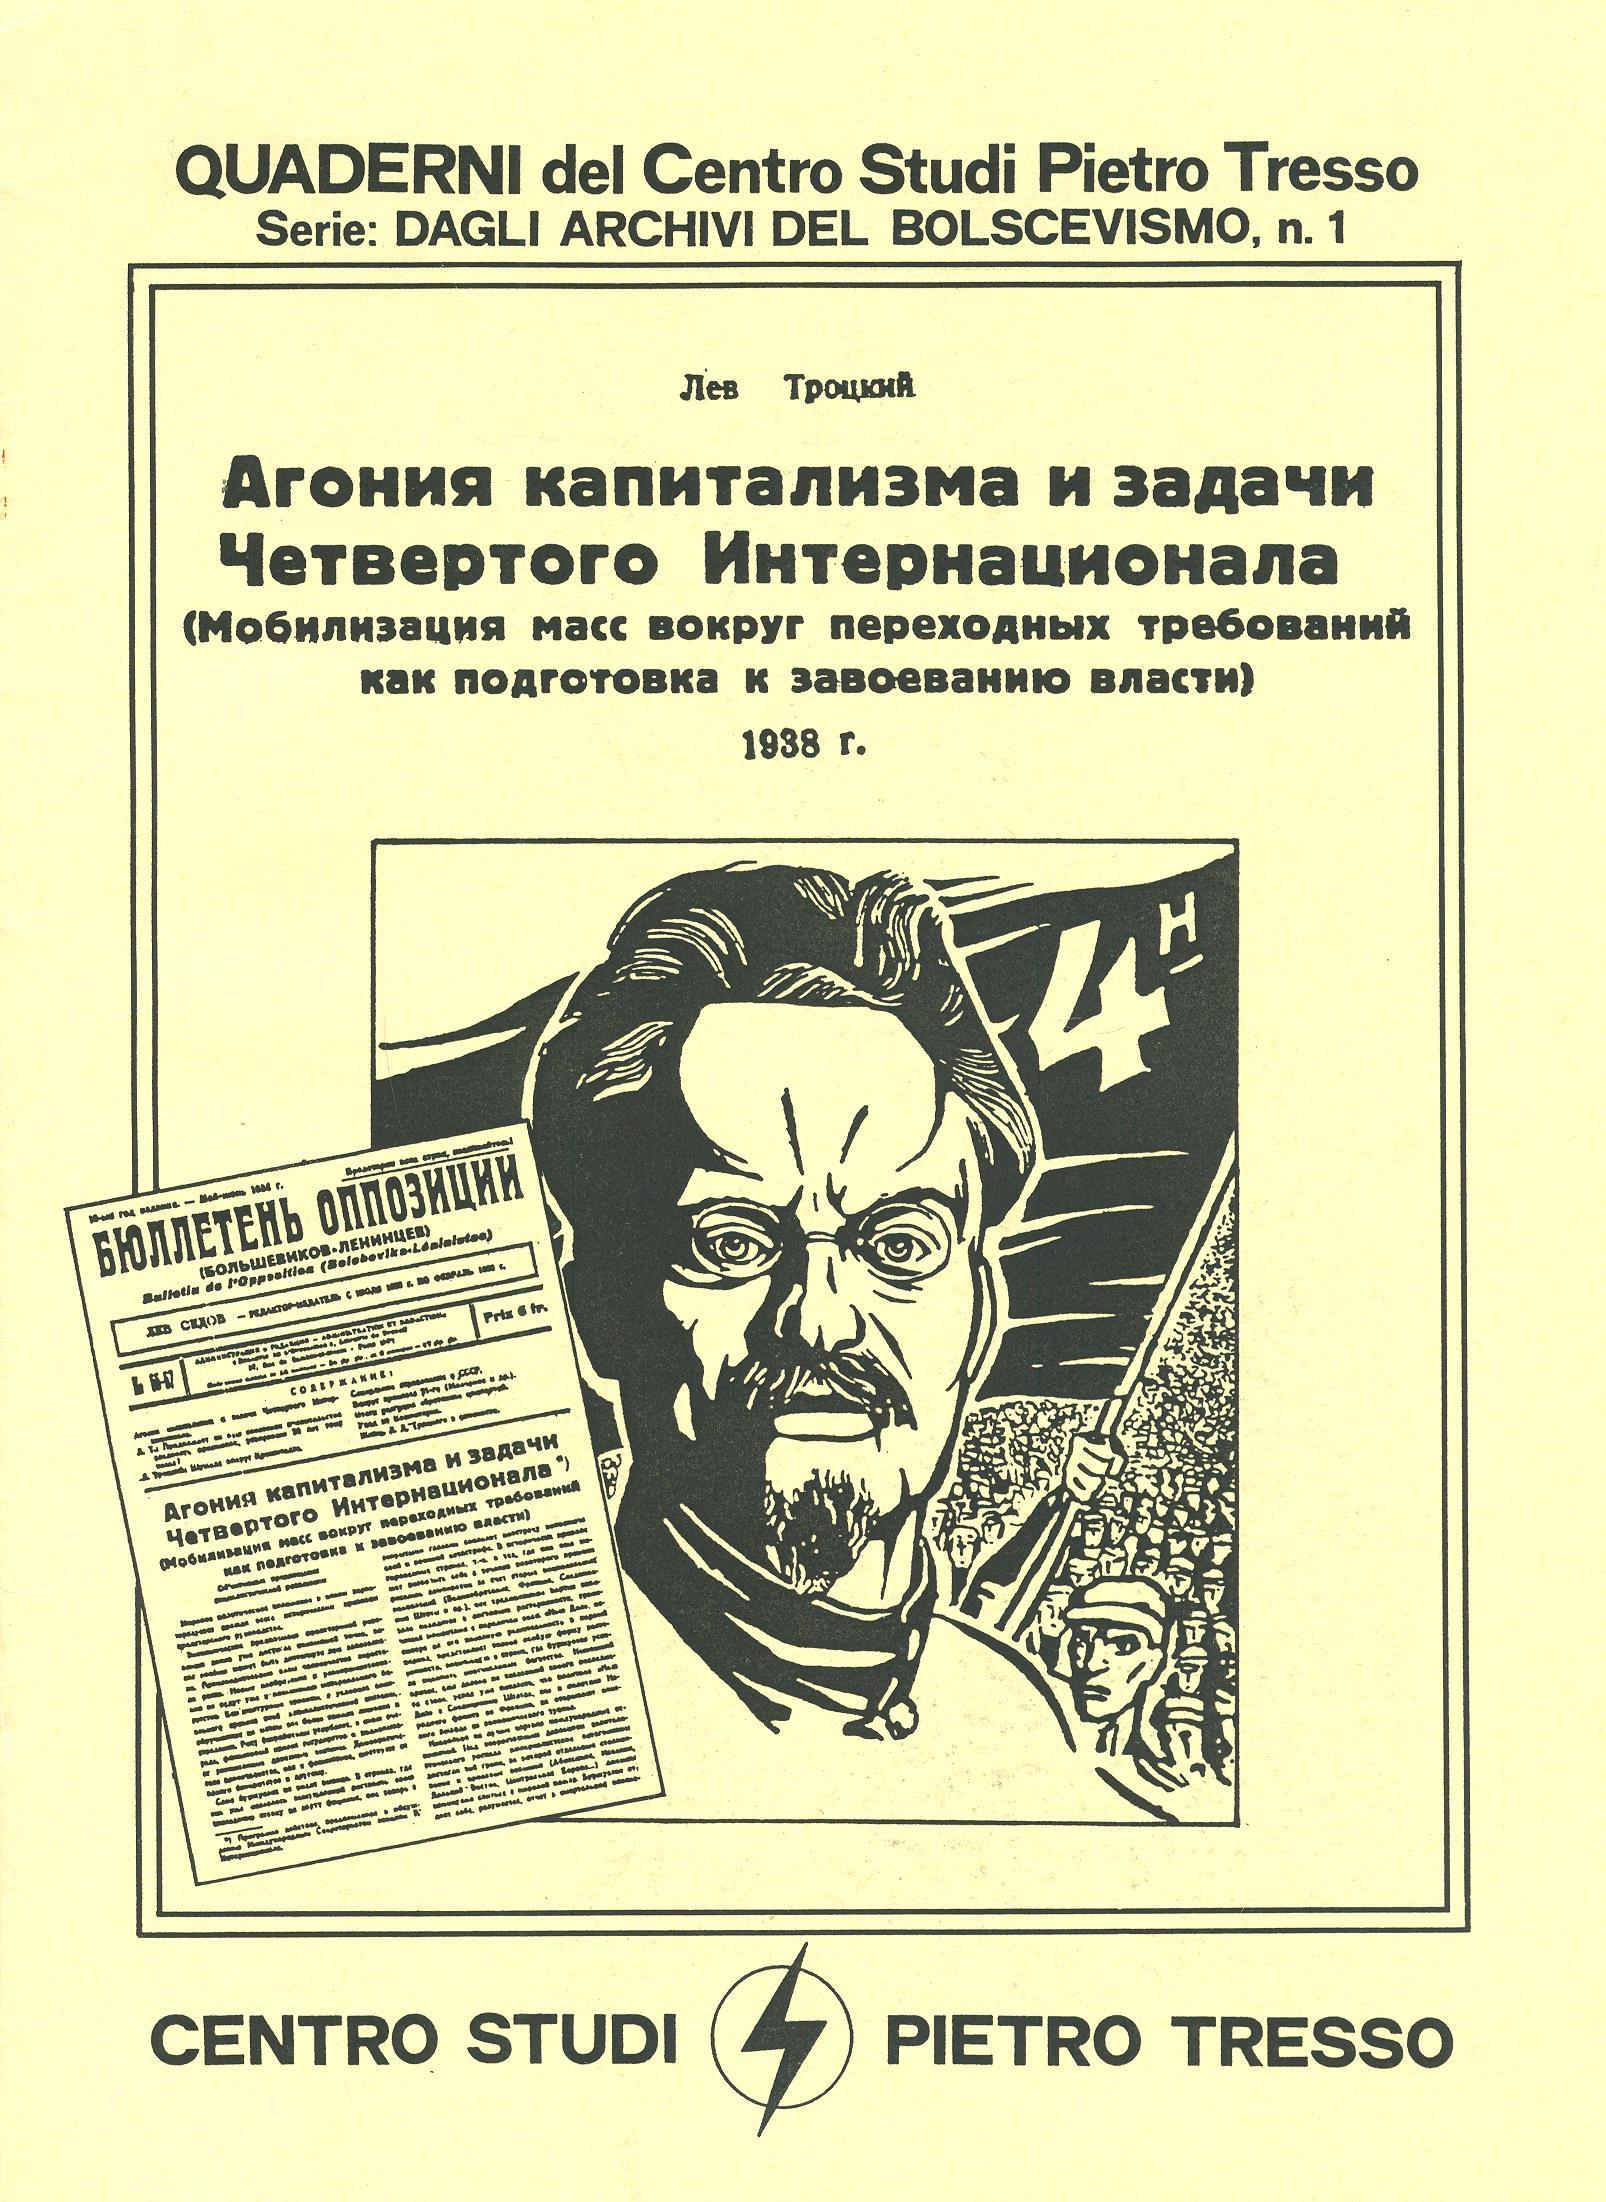 Dagli archivi del bolscevismo n. 1 (marzo 1986) - pag. 1